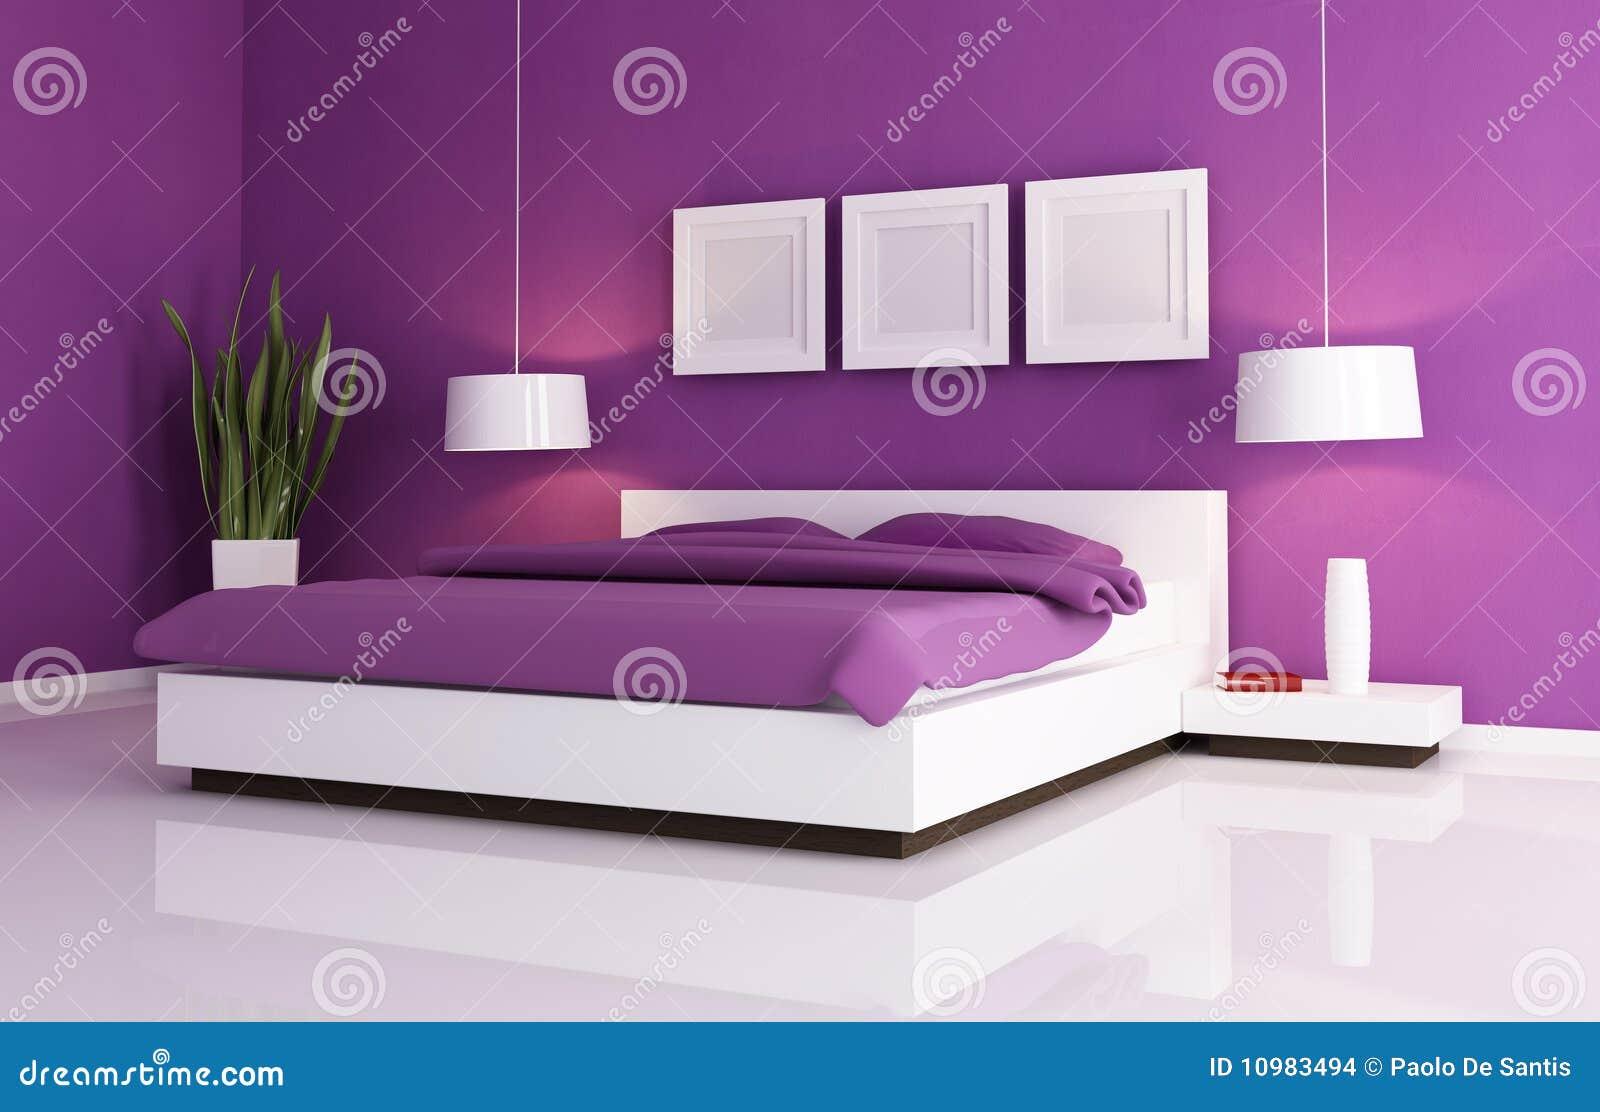 Camera da letto viola e bianca immagini stock immagine for Camera da letto economica prezzi